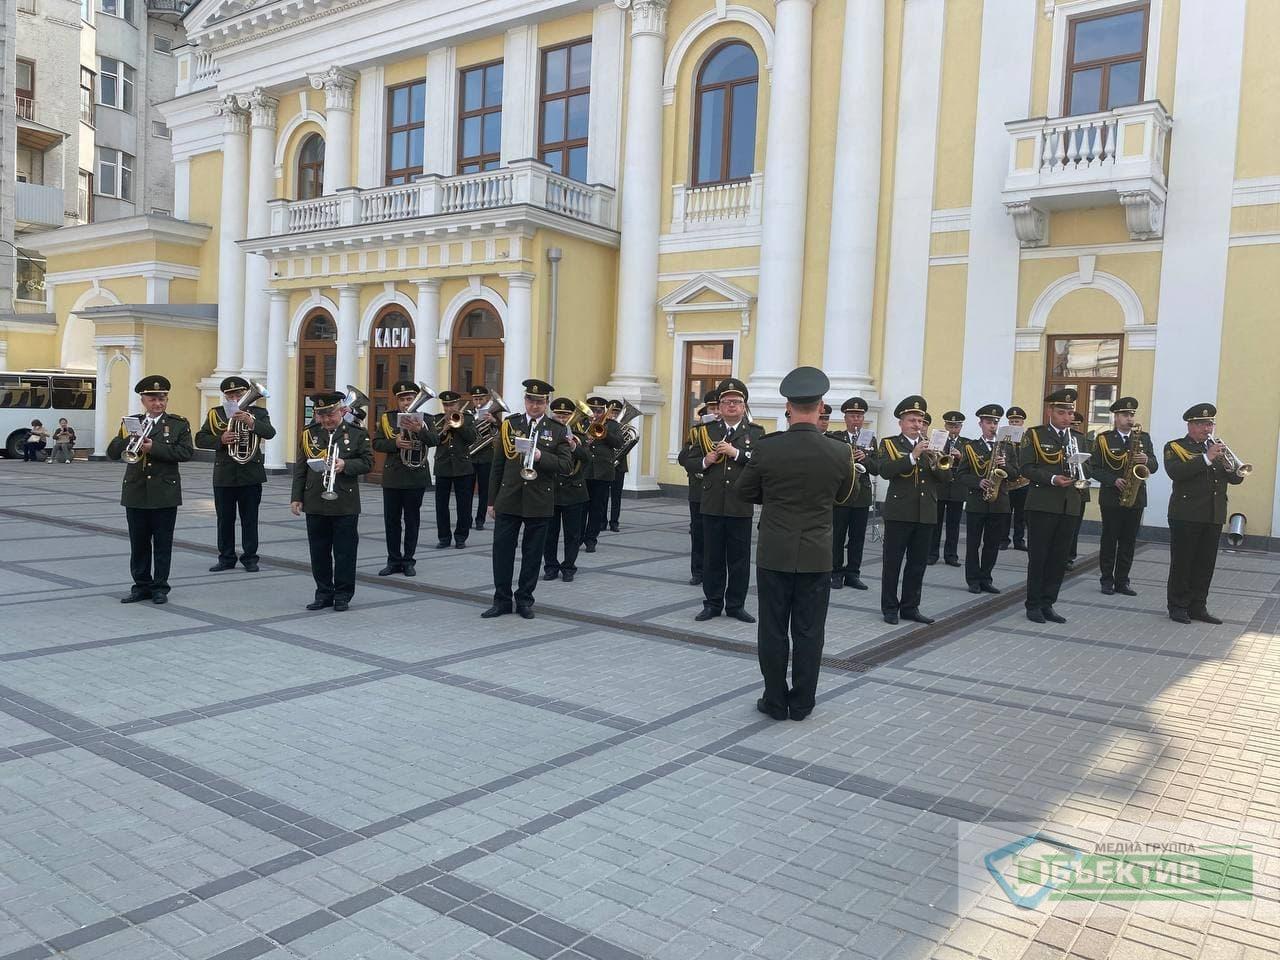 В центре Харькова играет военный оркестр (фото, видео)